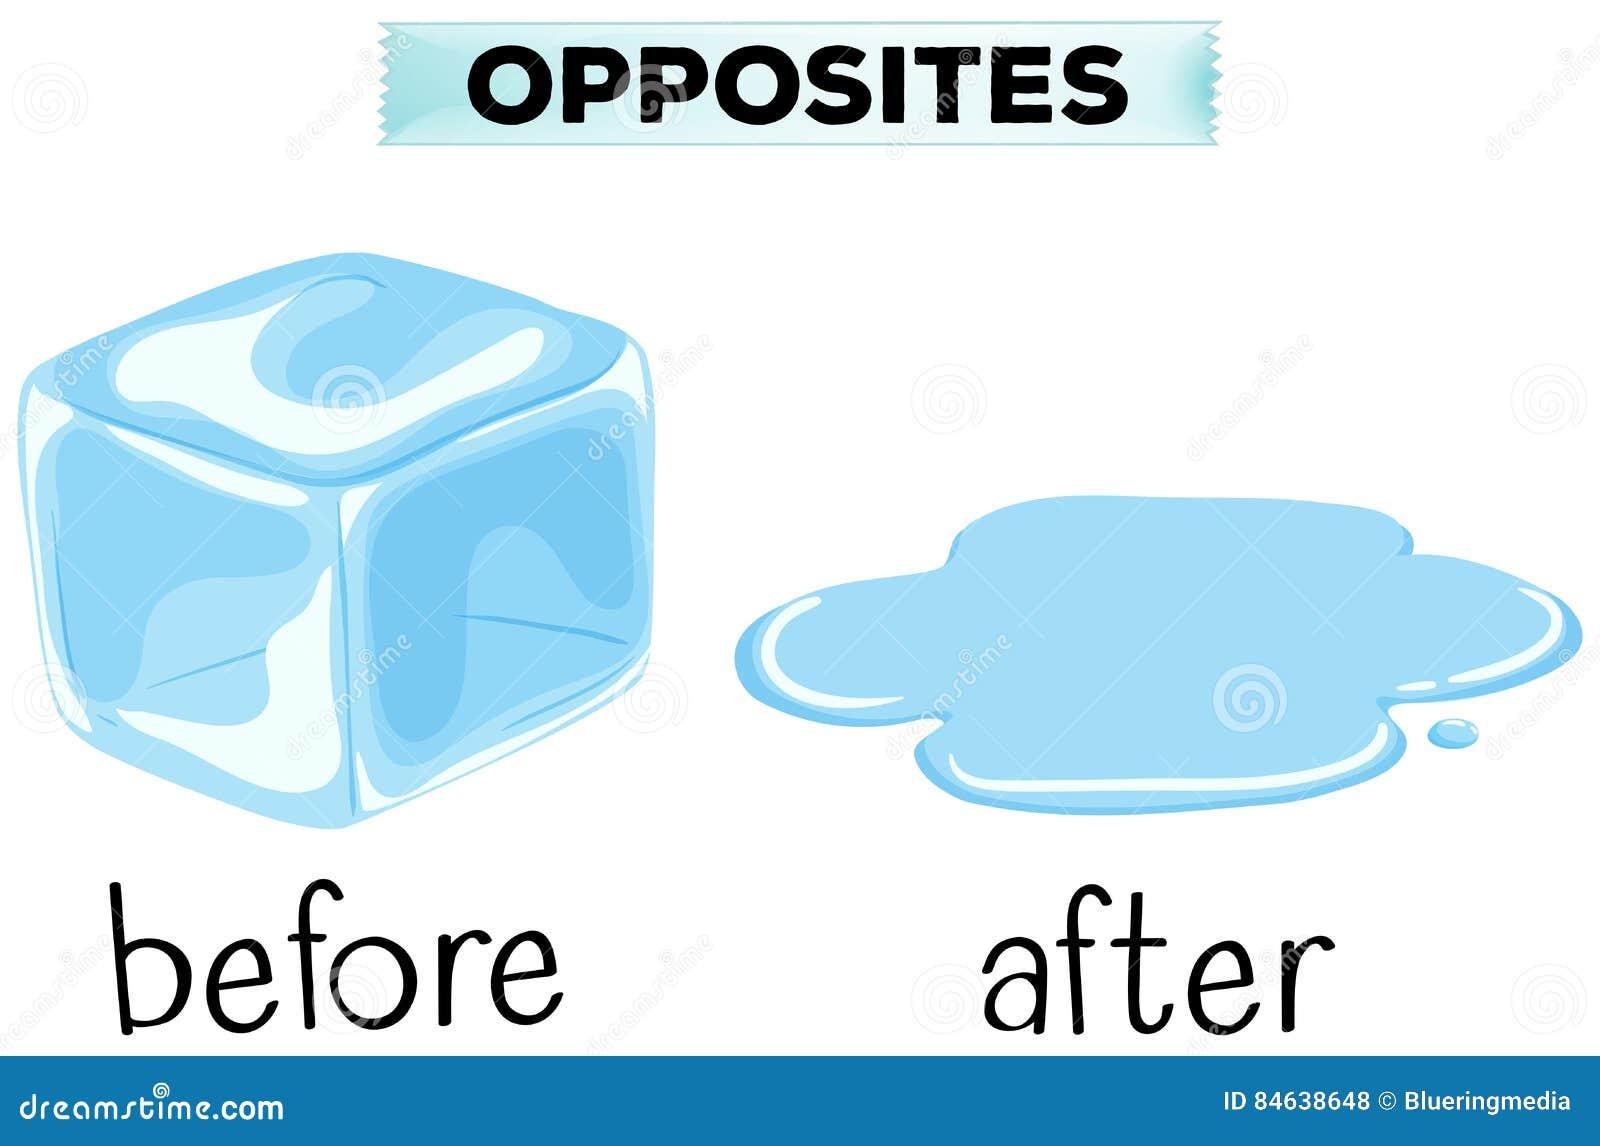 Palavras opostas para antes e depois